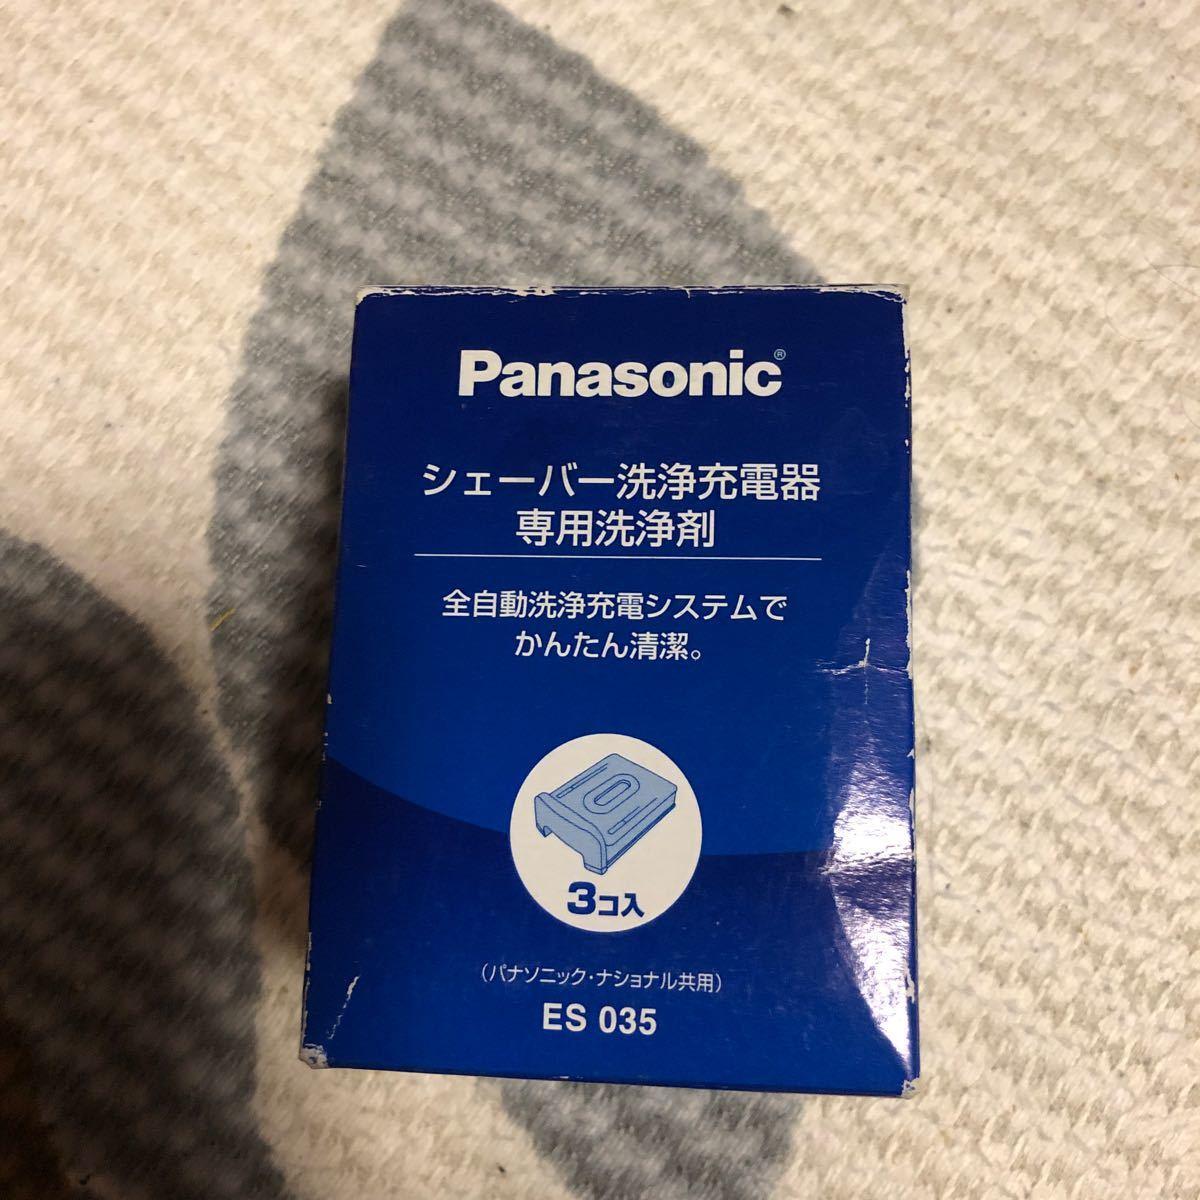 パナソニック メンズシェーバー 充電器 専用 洗浄剤